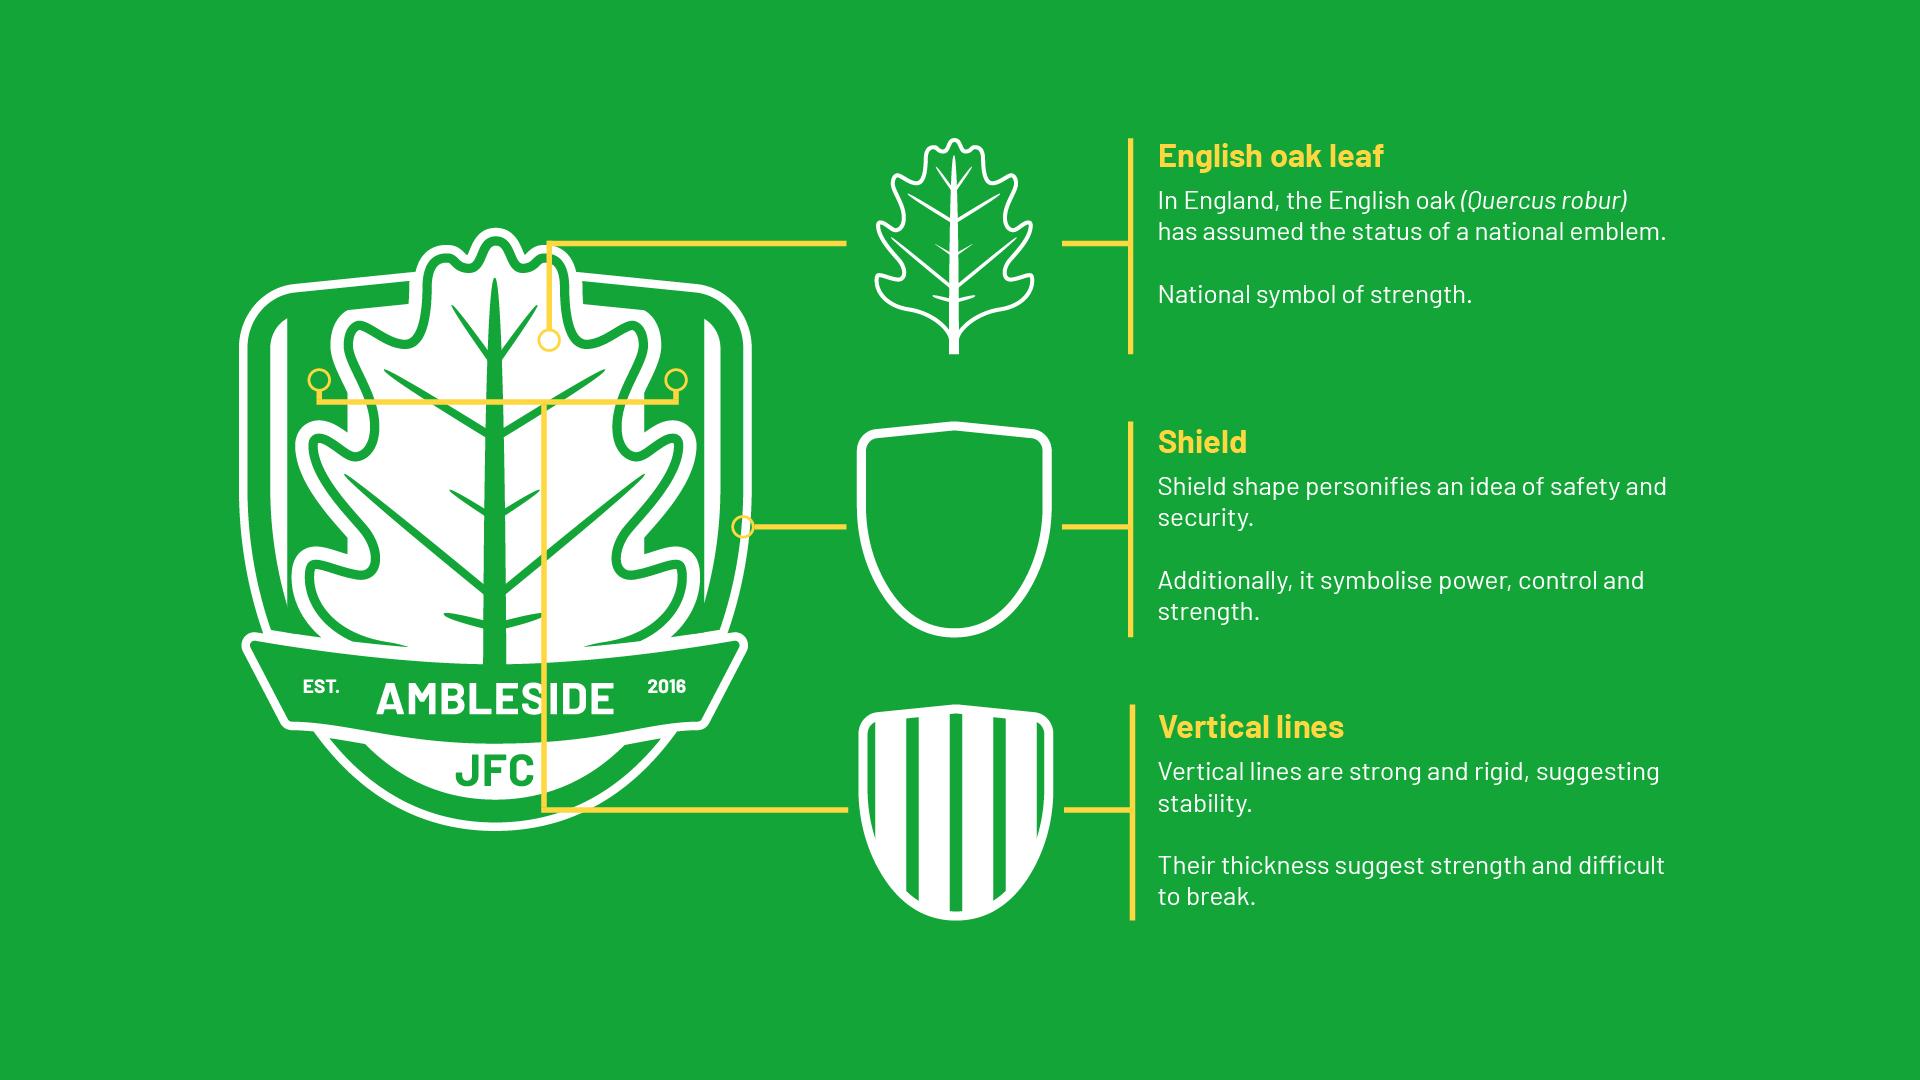 Ambleside JFC Logo Explained